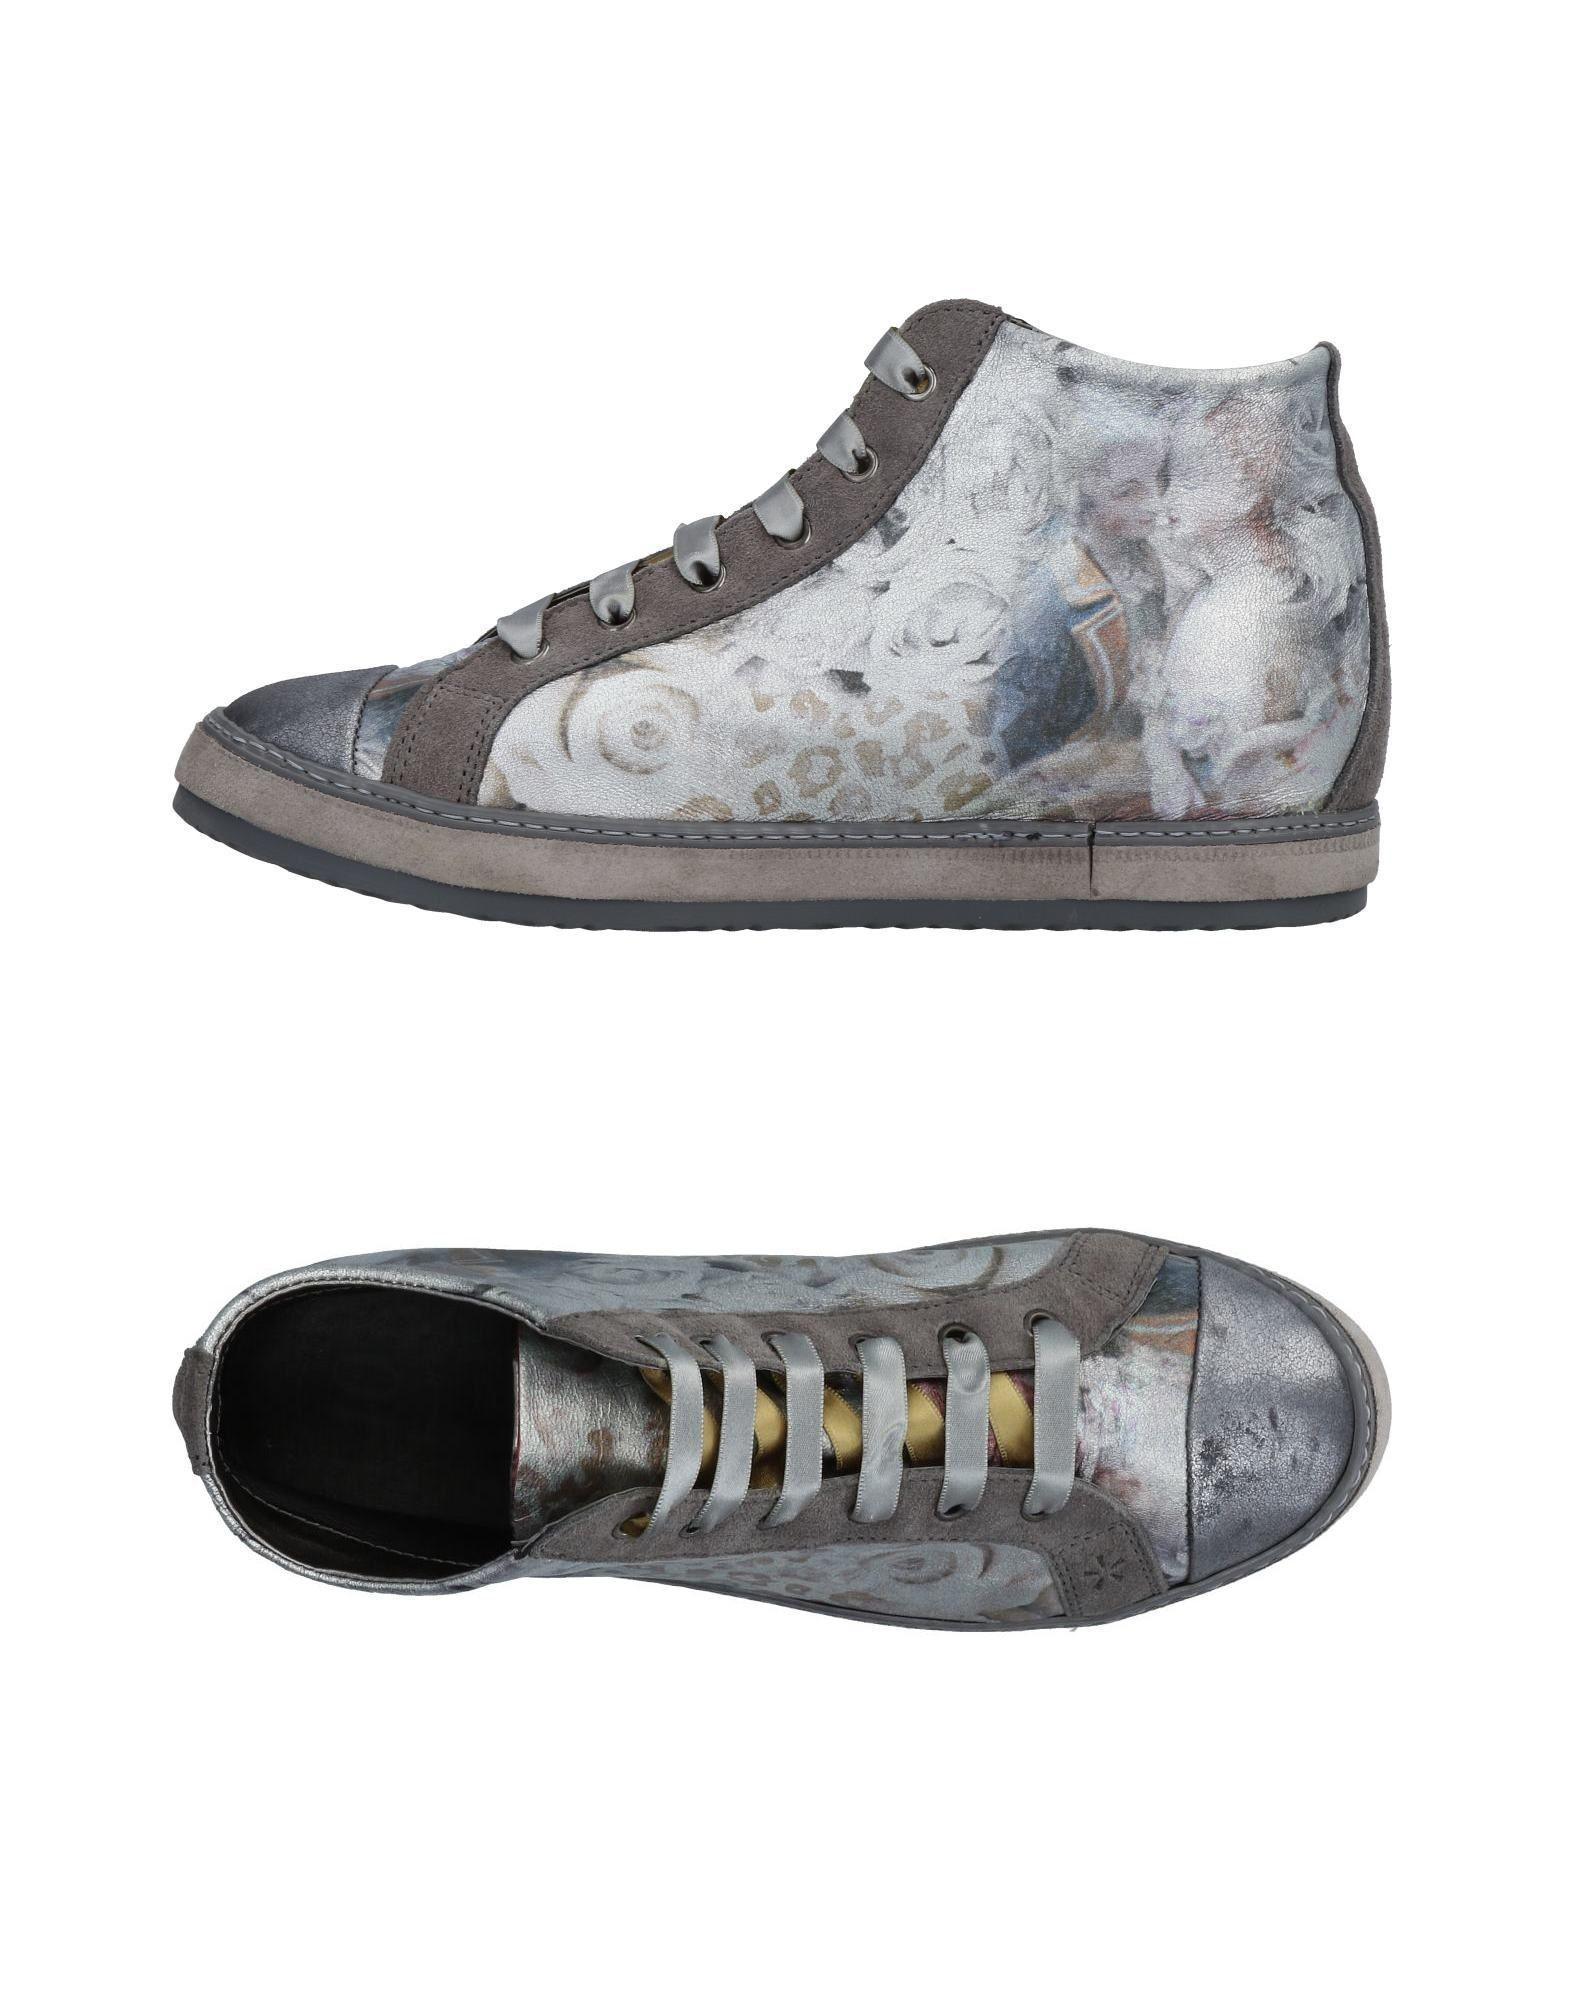 Low Cost Soisire Soiebleu Women Sneakers Sneakers Soisire Soiebleu womens Light grey SOISIRE SOIEBLEU Womens Sneakers